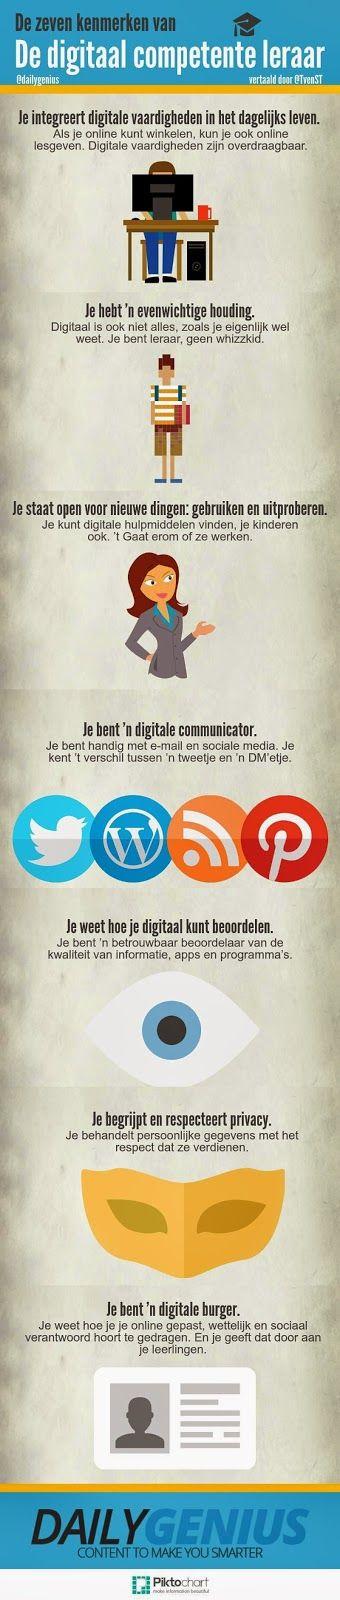 Zeven kenmerken van de digitaal competente leraar. Bron: Trendmatcher tussen ICT en Onderwijs